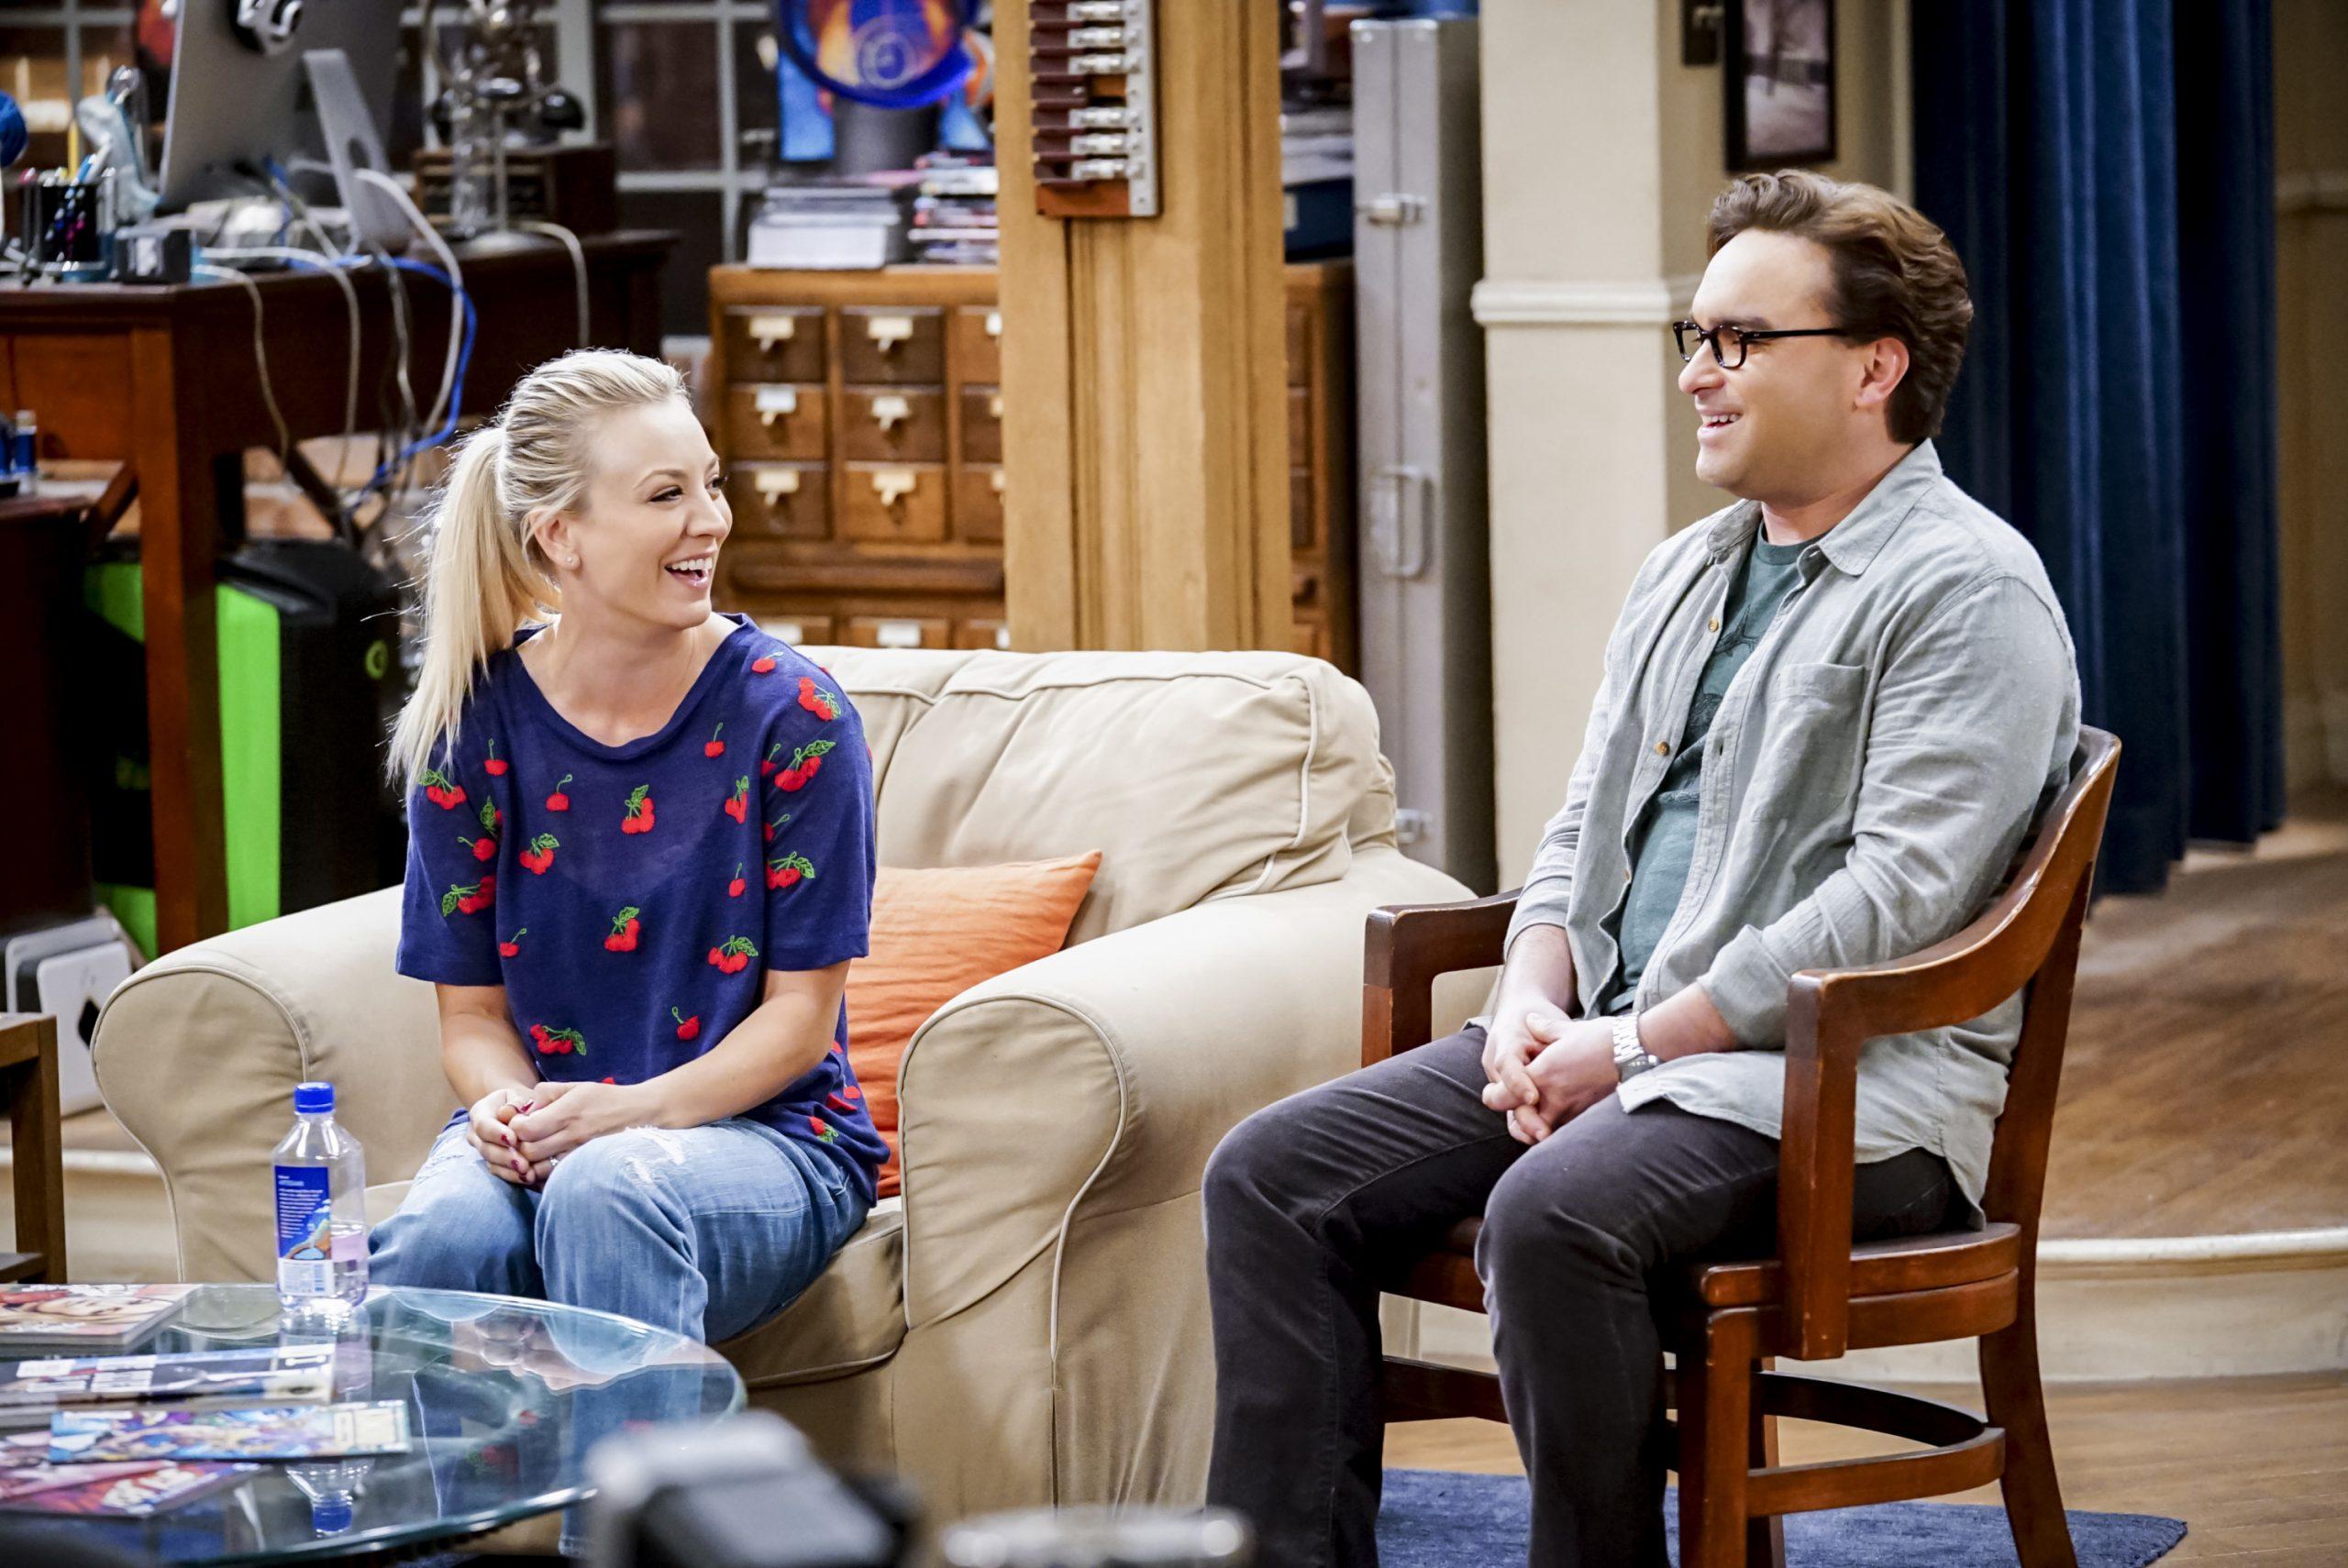 Big Bang Theory: Kaley Cuoco and Johnny Galecki